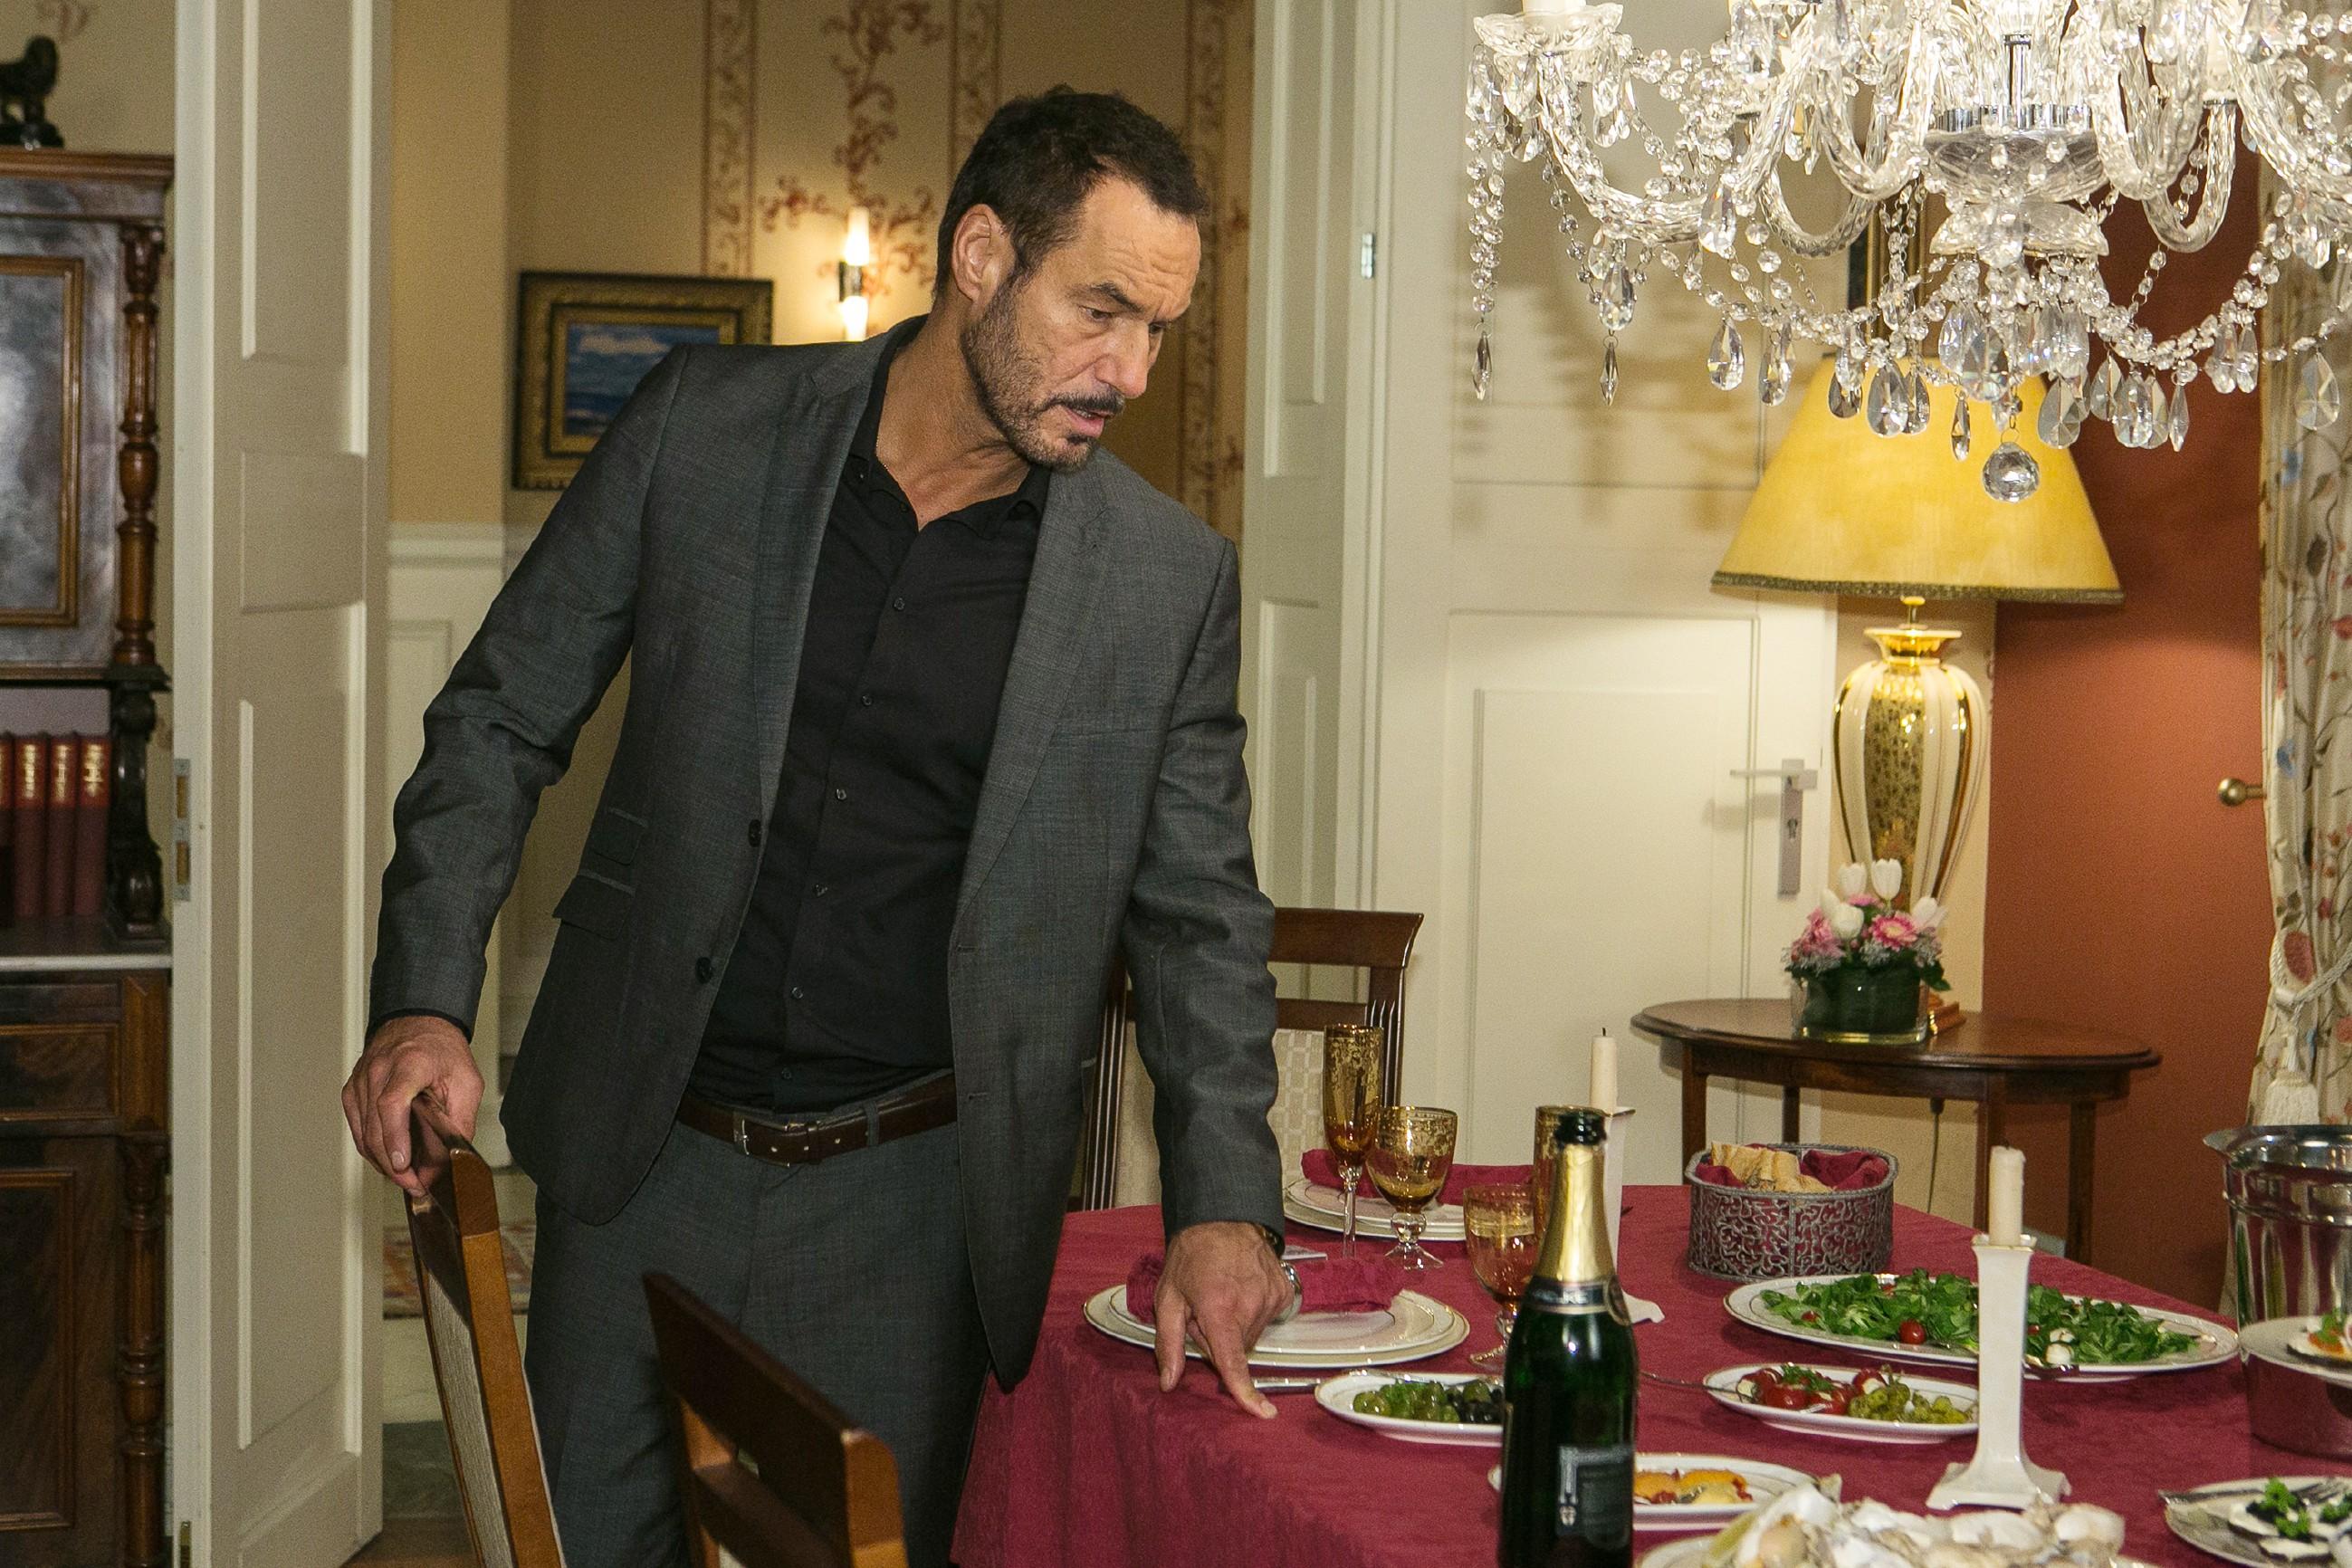 Als Richard (Silvan-Pierre Leirich) den liebevoll gedeckten Tisch entdeckt, begreift er unwohl, dass er ein Versöhnungsangebot von Simone verpasst hat. (Quelle: RTL / Kai Schulz)